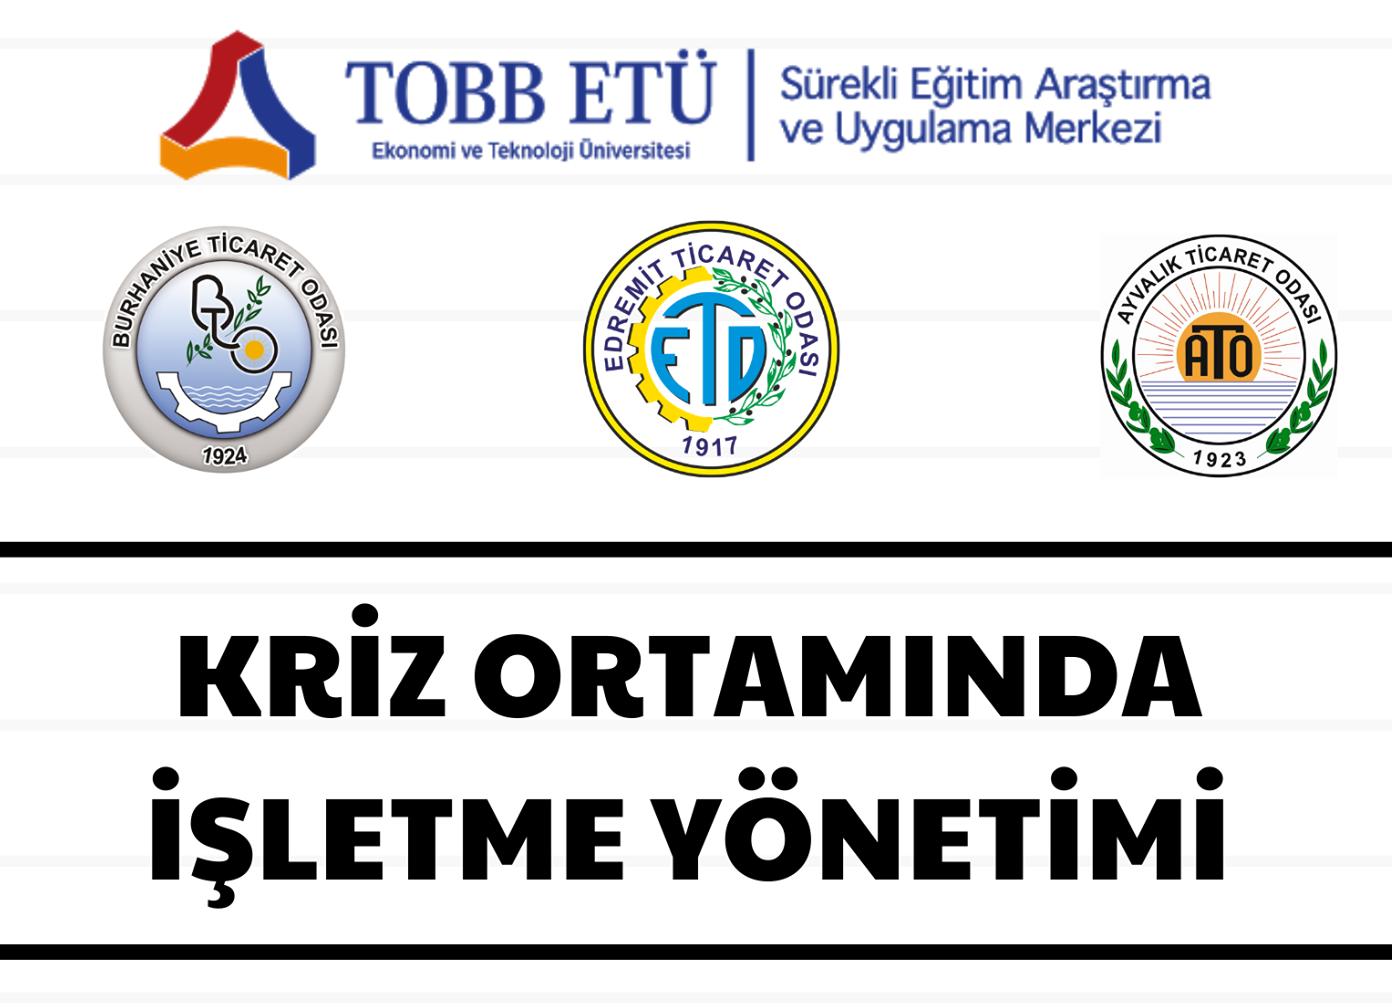 """TOBB ETÜ Üniversitesi """"Kriz Ortamında İşletme Yönetimi"""" Hakkında"""